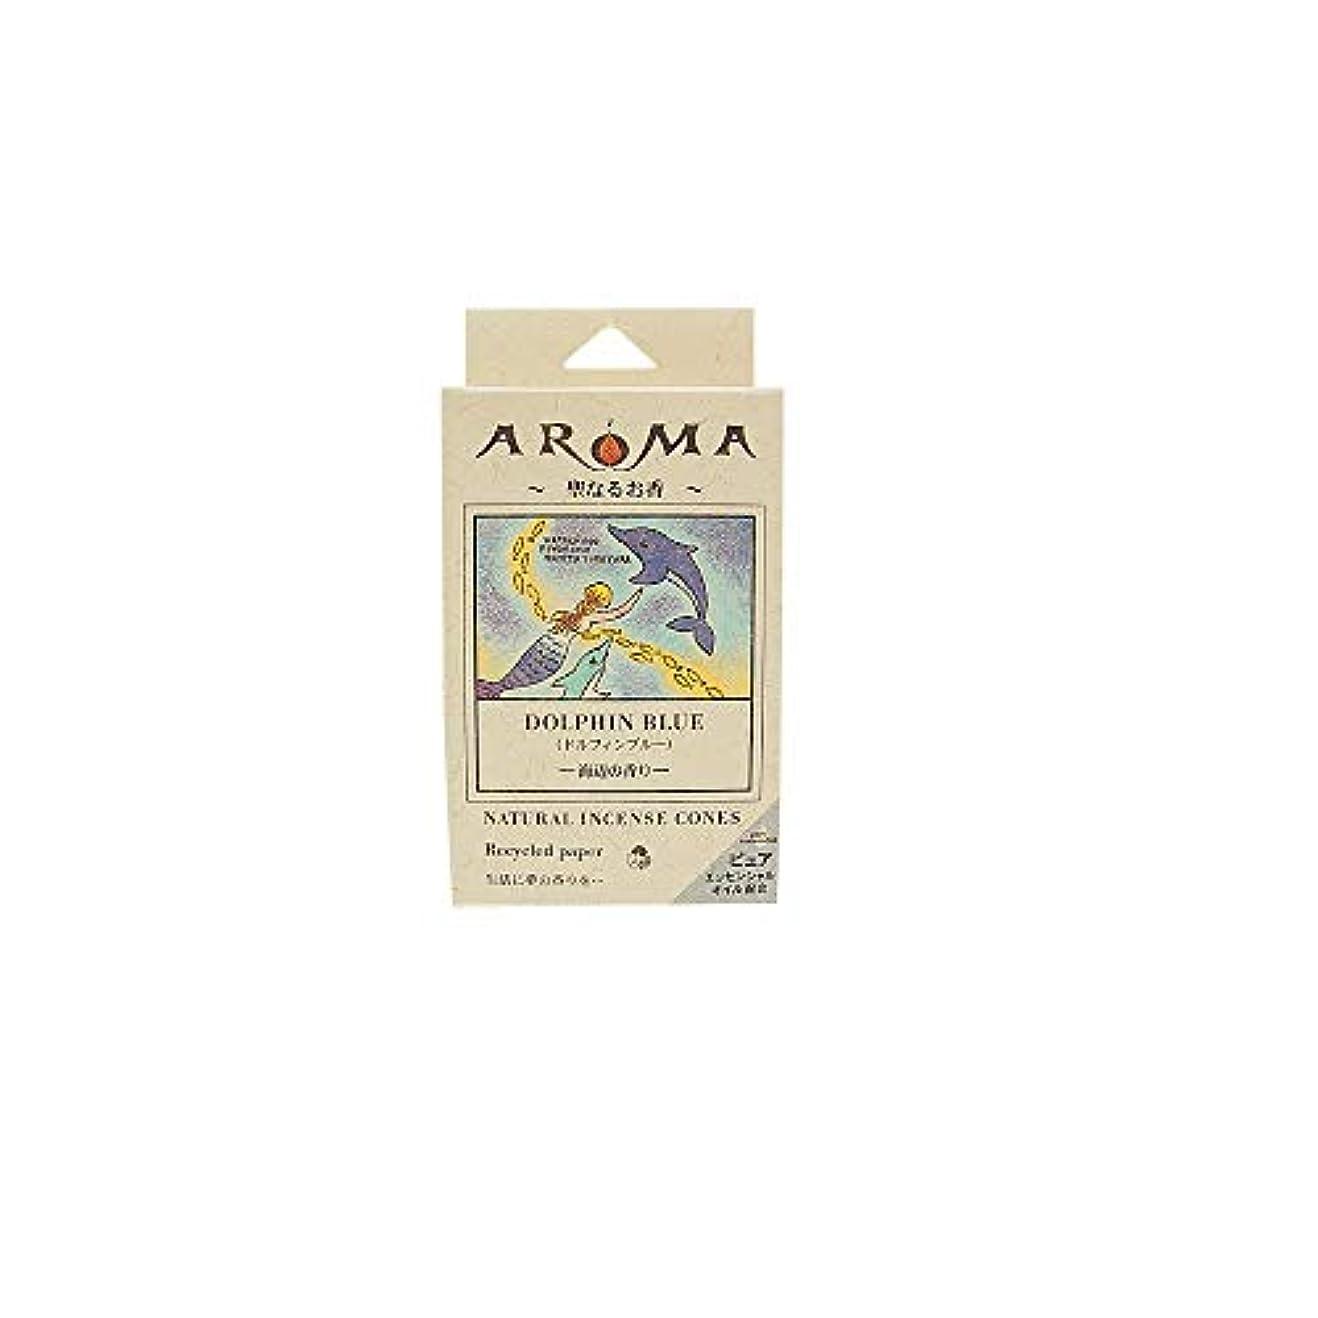 掃く青写真コントローラアロマ香 ドルフィンブルー 16粒(コーンタイプインセンス 1粒の燃焼時間約20分 海辺の香り)